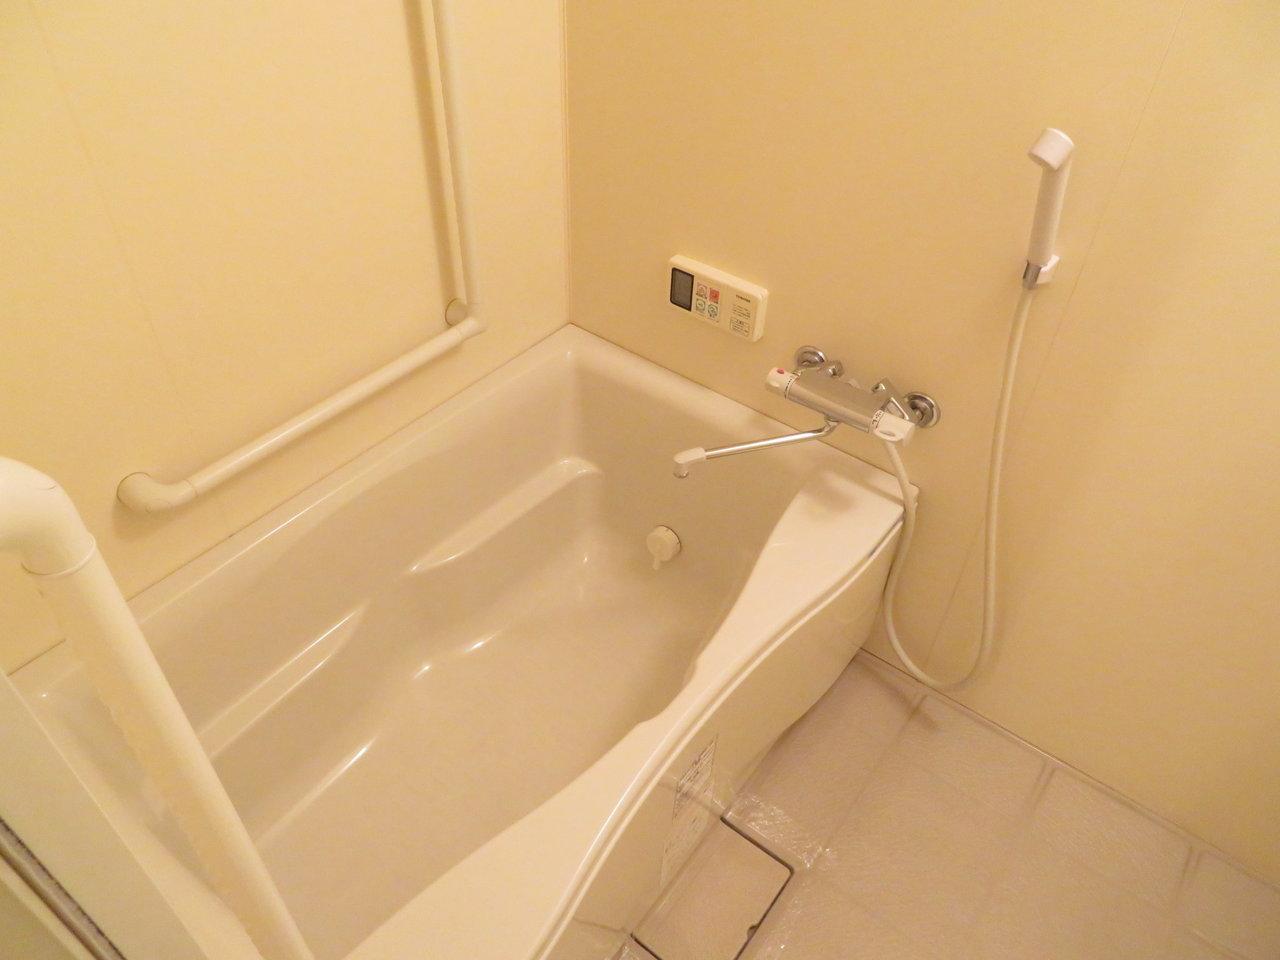 お風呂や洗面台など、水回りの設備がしっかりしているのもいいですね。